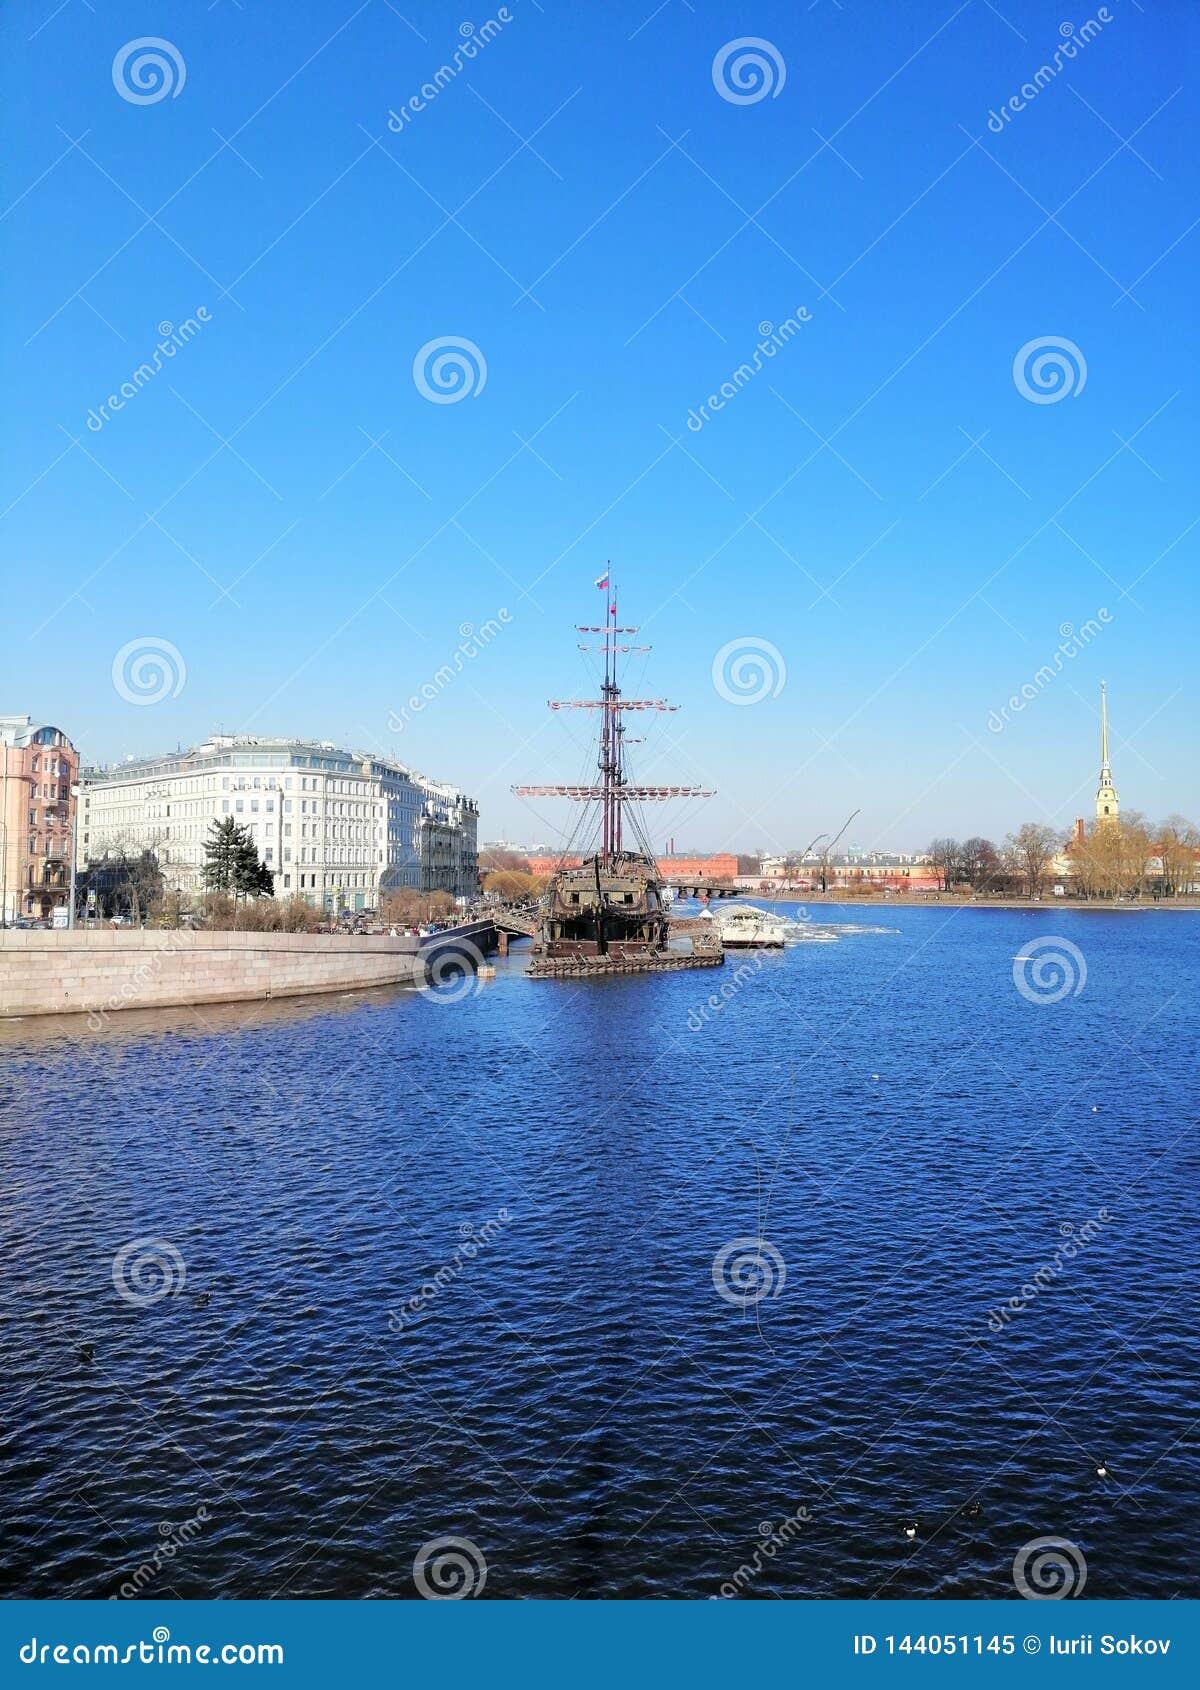 Fiume, barca a vela e la guglia della fortezza